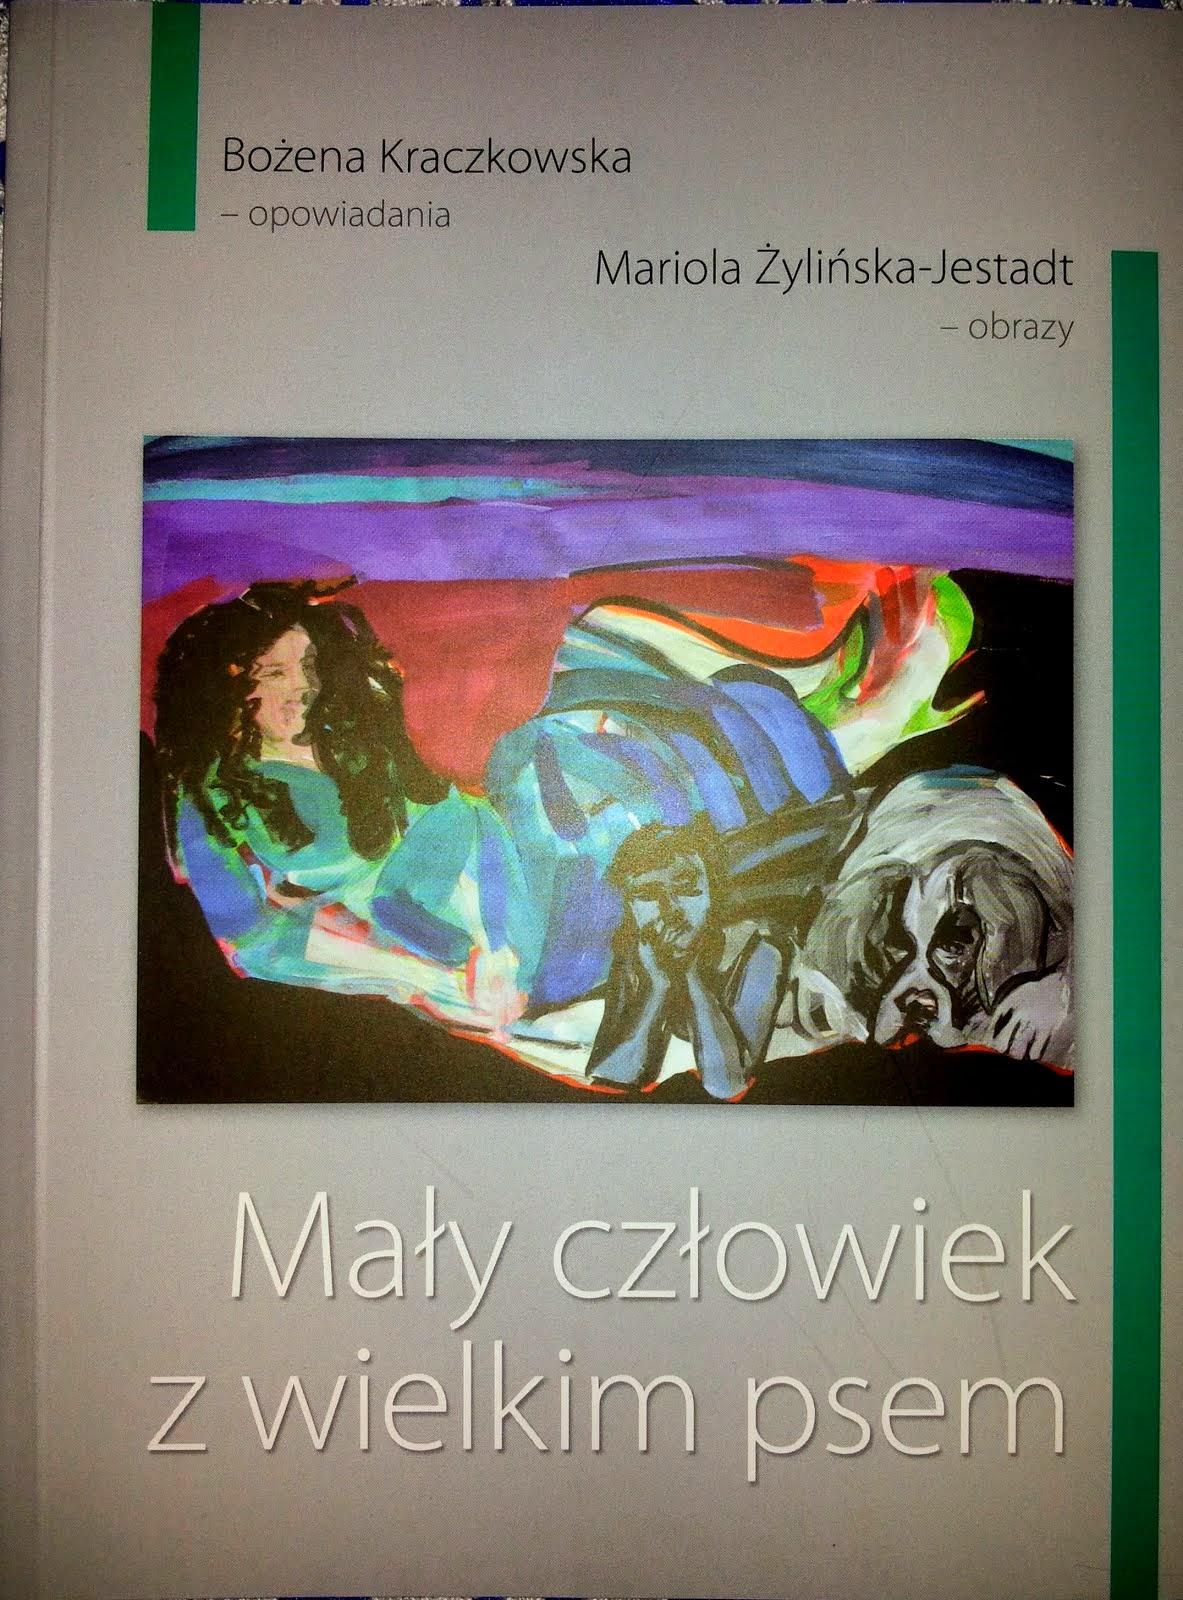 RECENZJA <br>MoznaPrzeczytac.pl